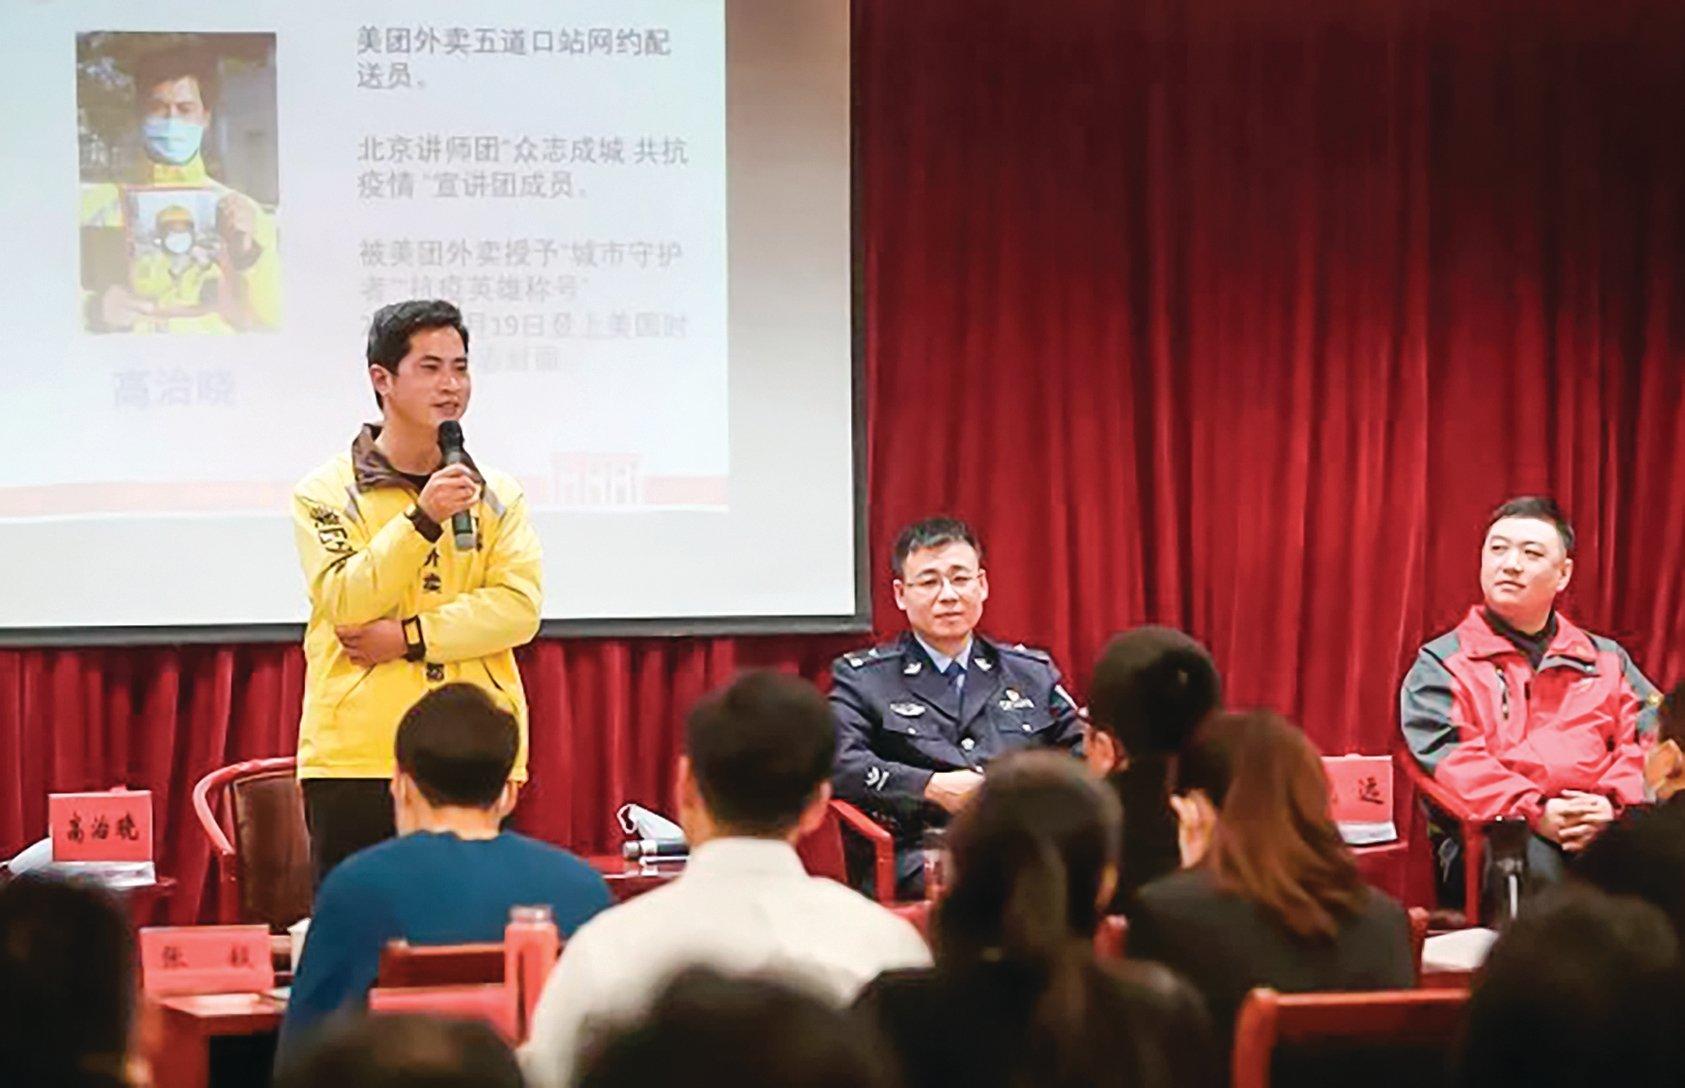 「模範外賣員」高治曉(站立者)出席中共官方的宣講活動。(網絡圖片)